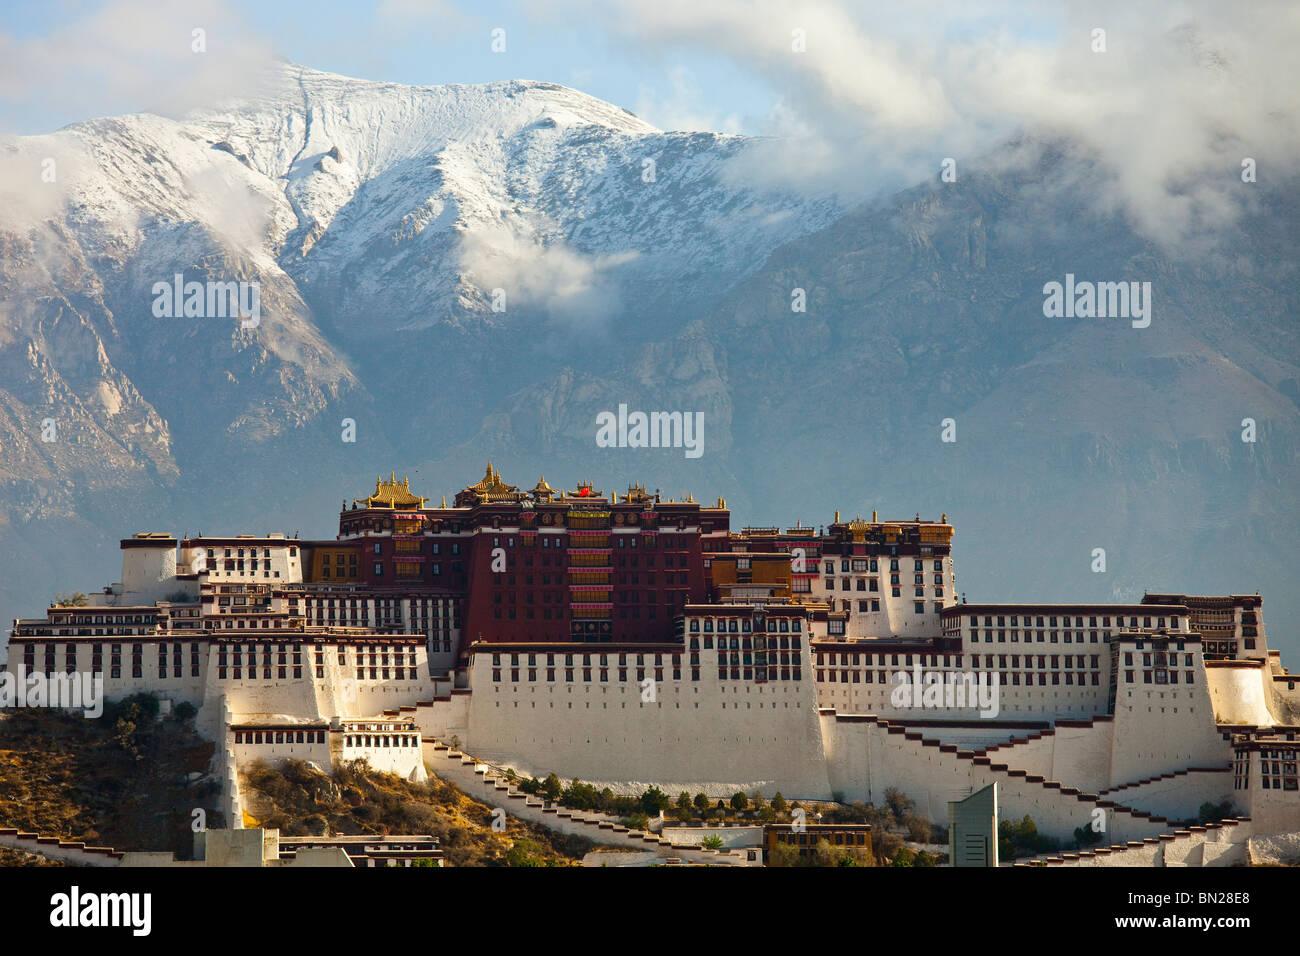 Potala Palace in Lhasa, Tibet - Stock Image